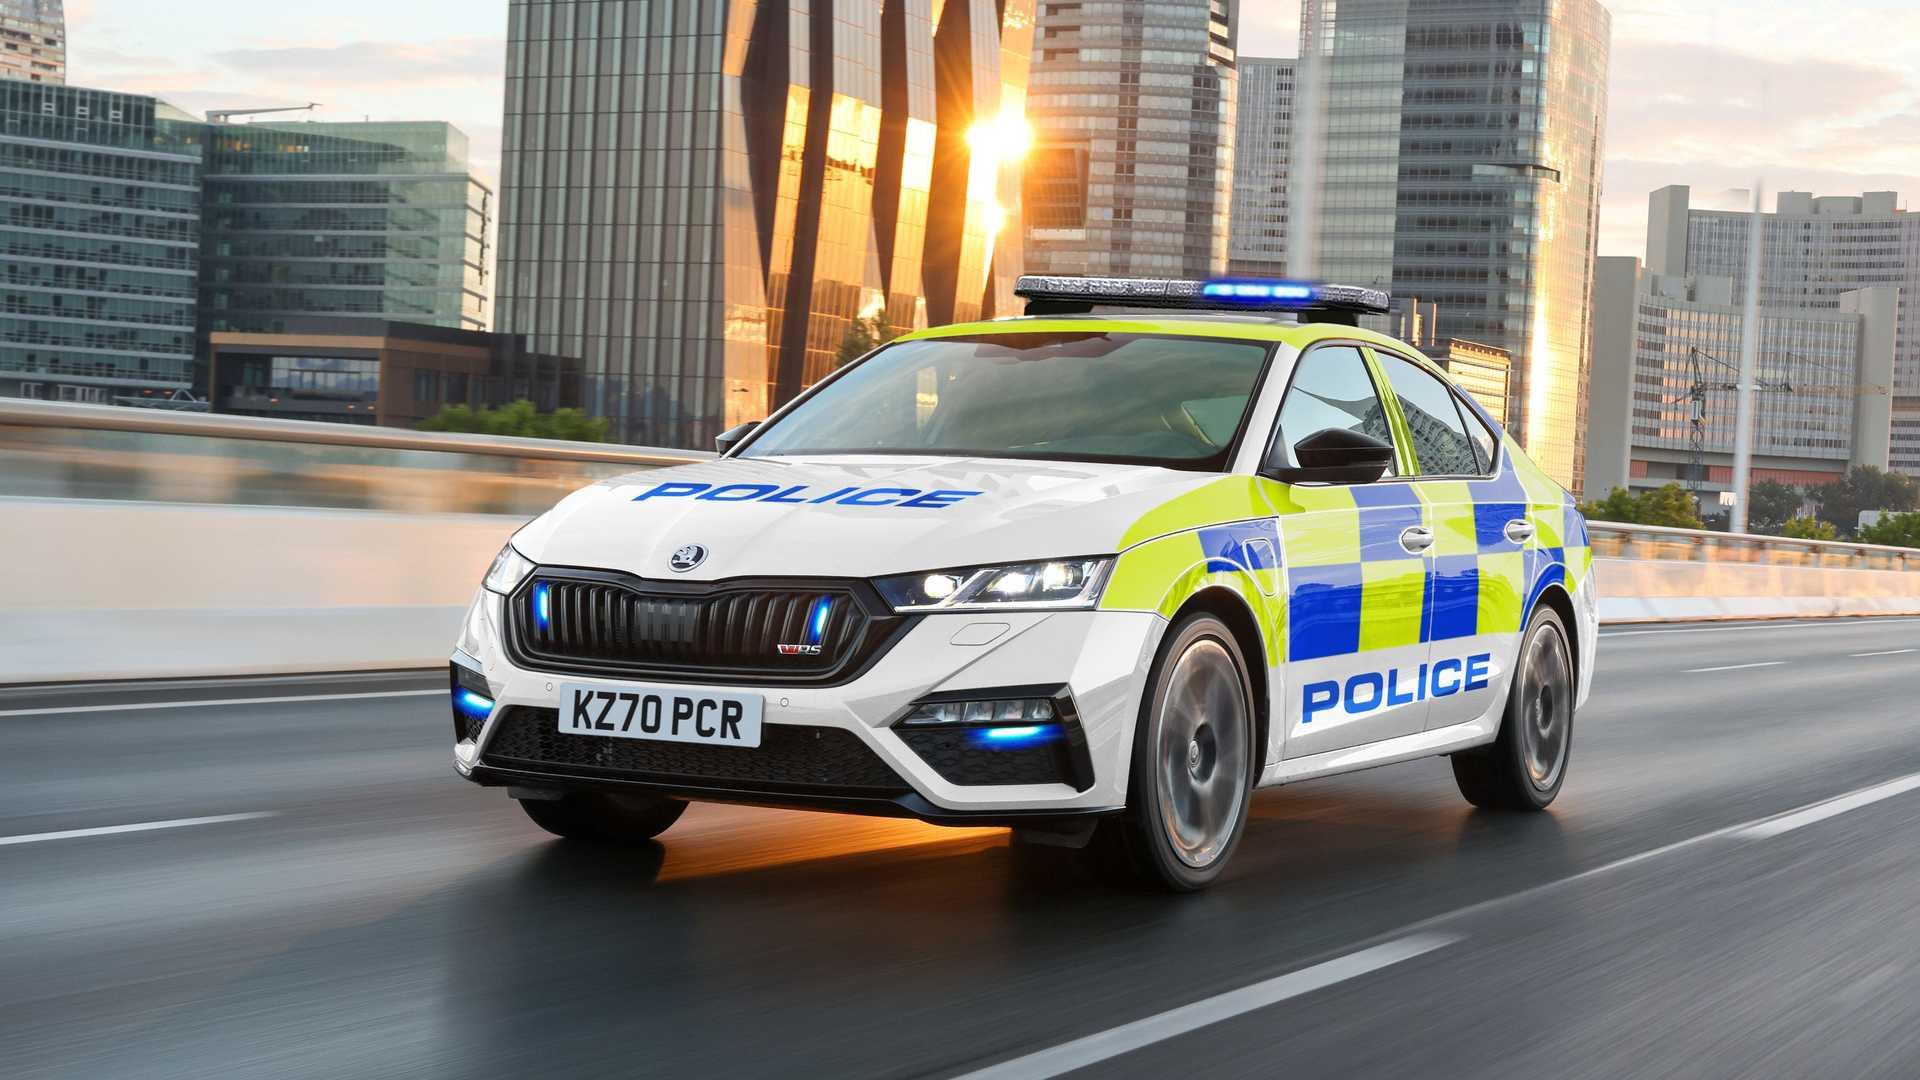 Τρία plug-in υβριδικά αυτοκίνητα για υπηρεσίες έκτακτης ανάγκης στο Ηνωμένο Βασίλειο